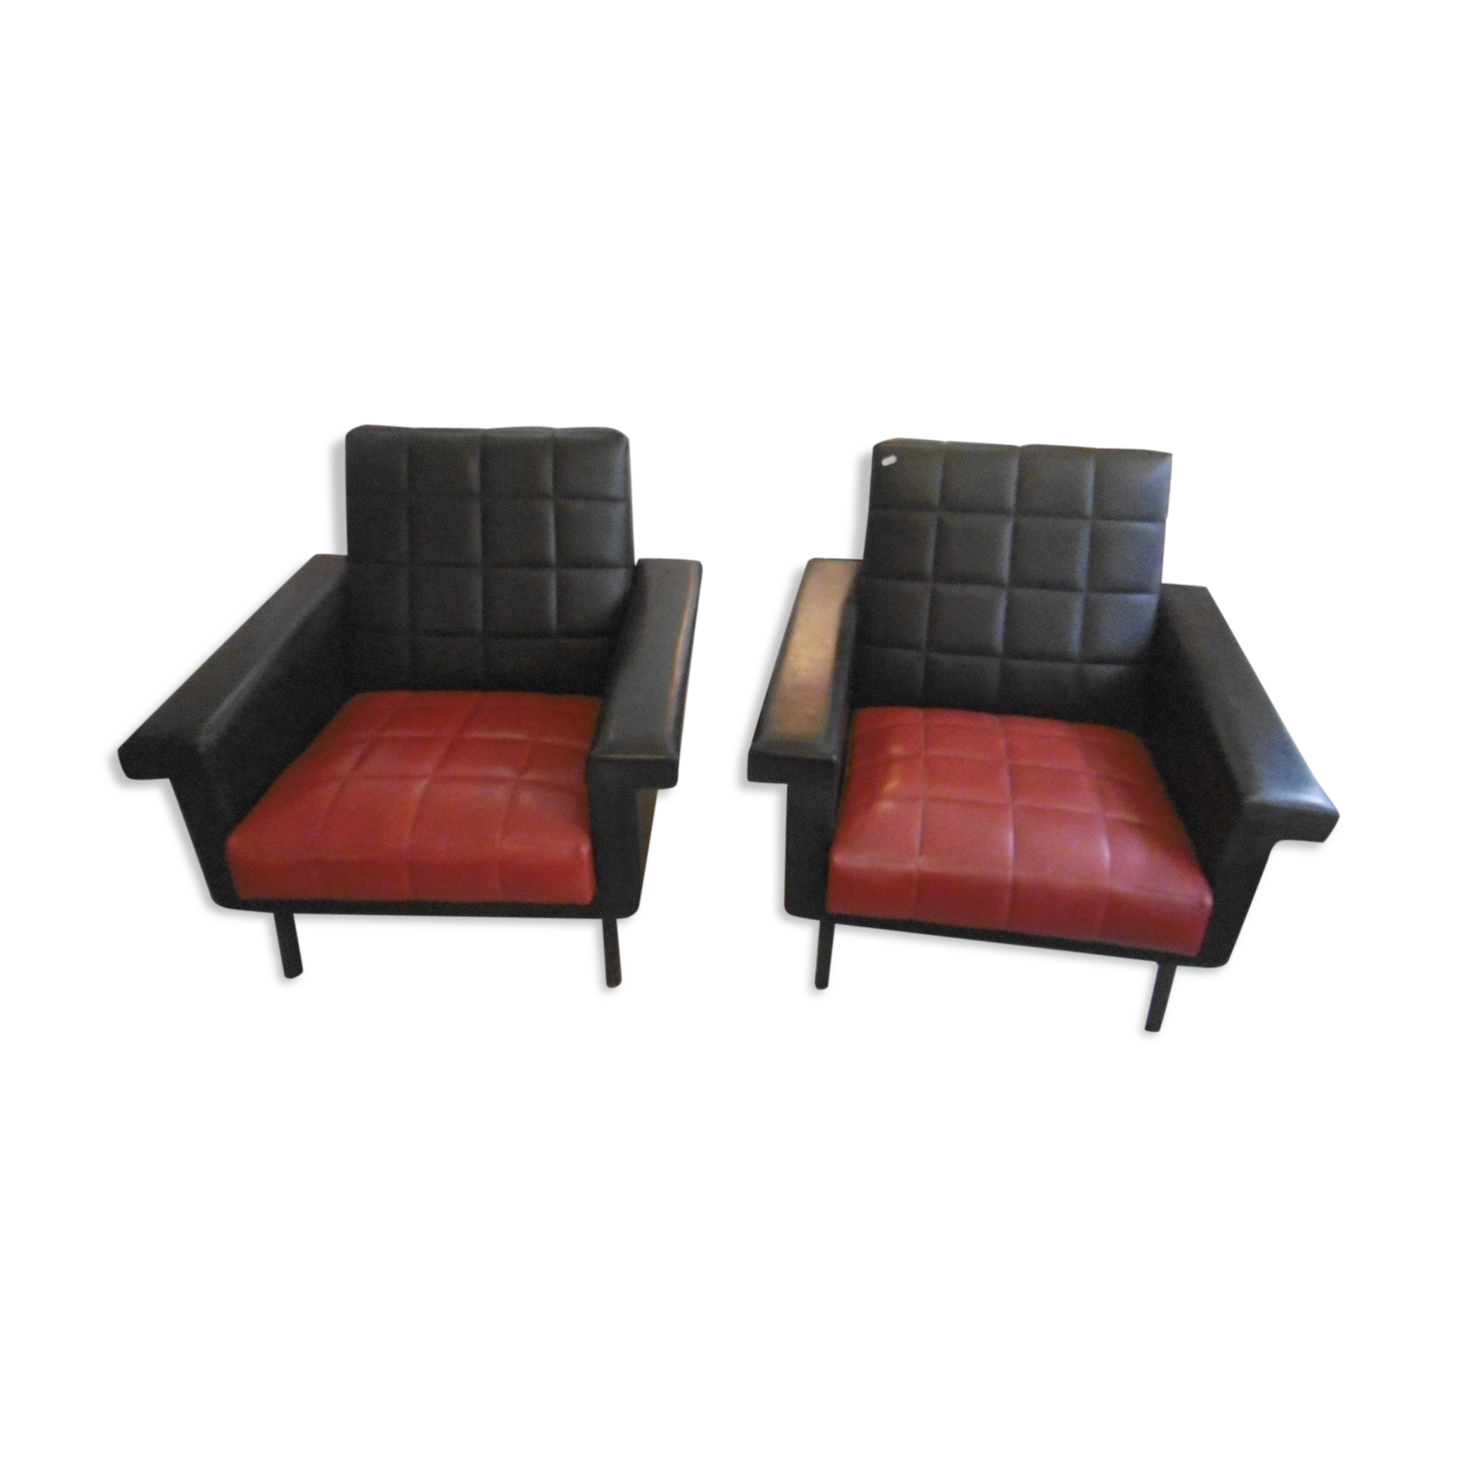 Paire de fauteuils vintage des années 50 - noir et rouge